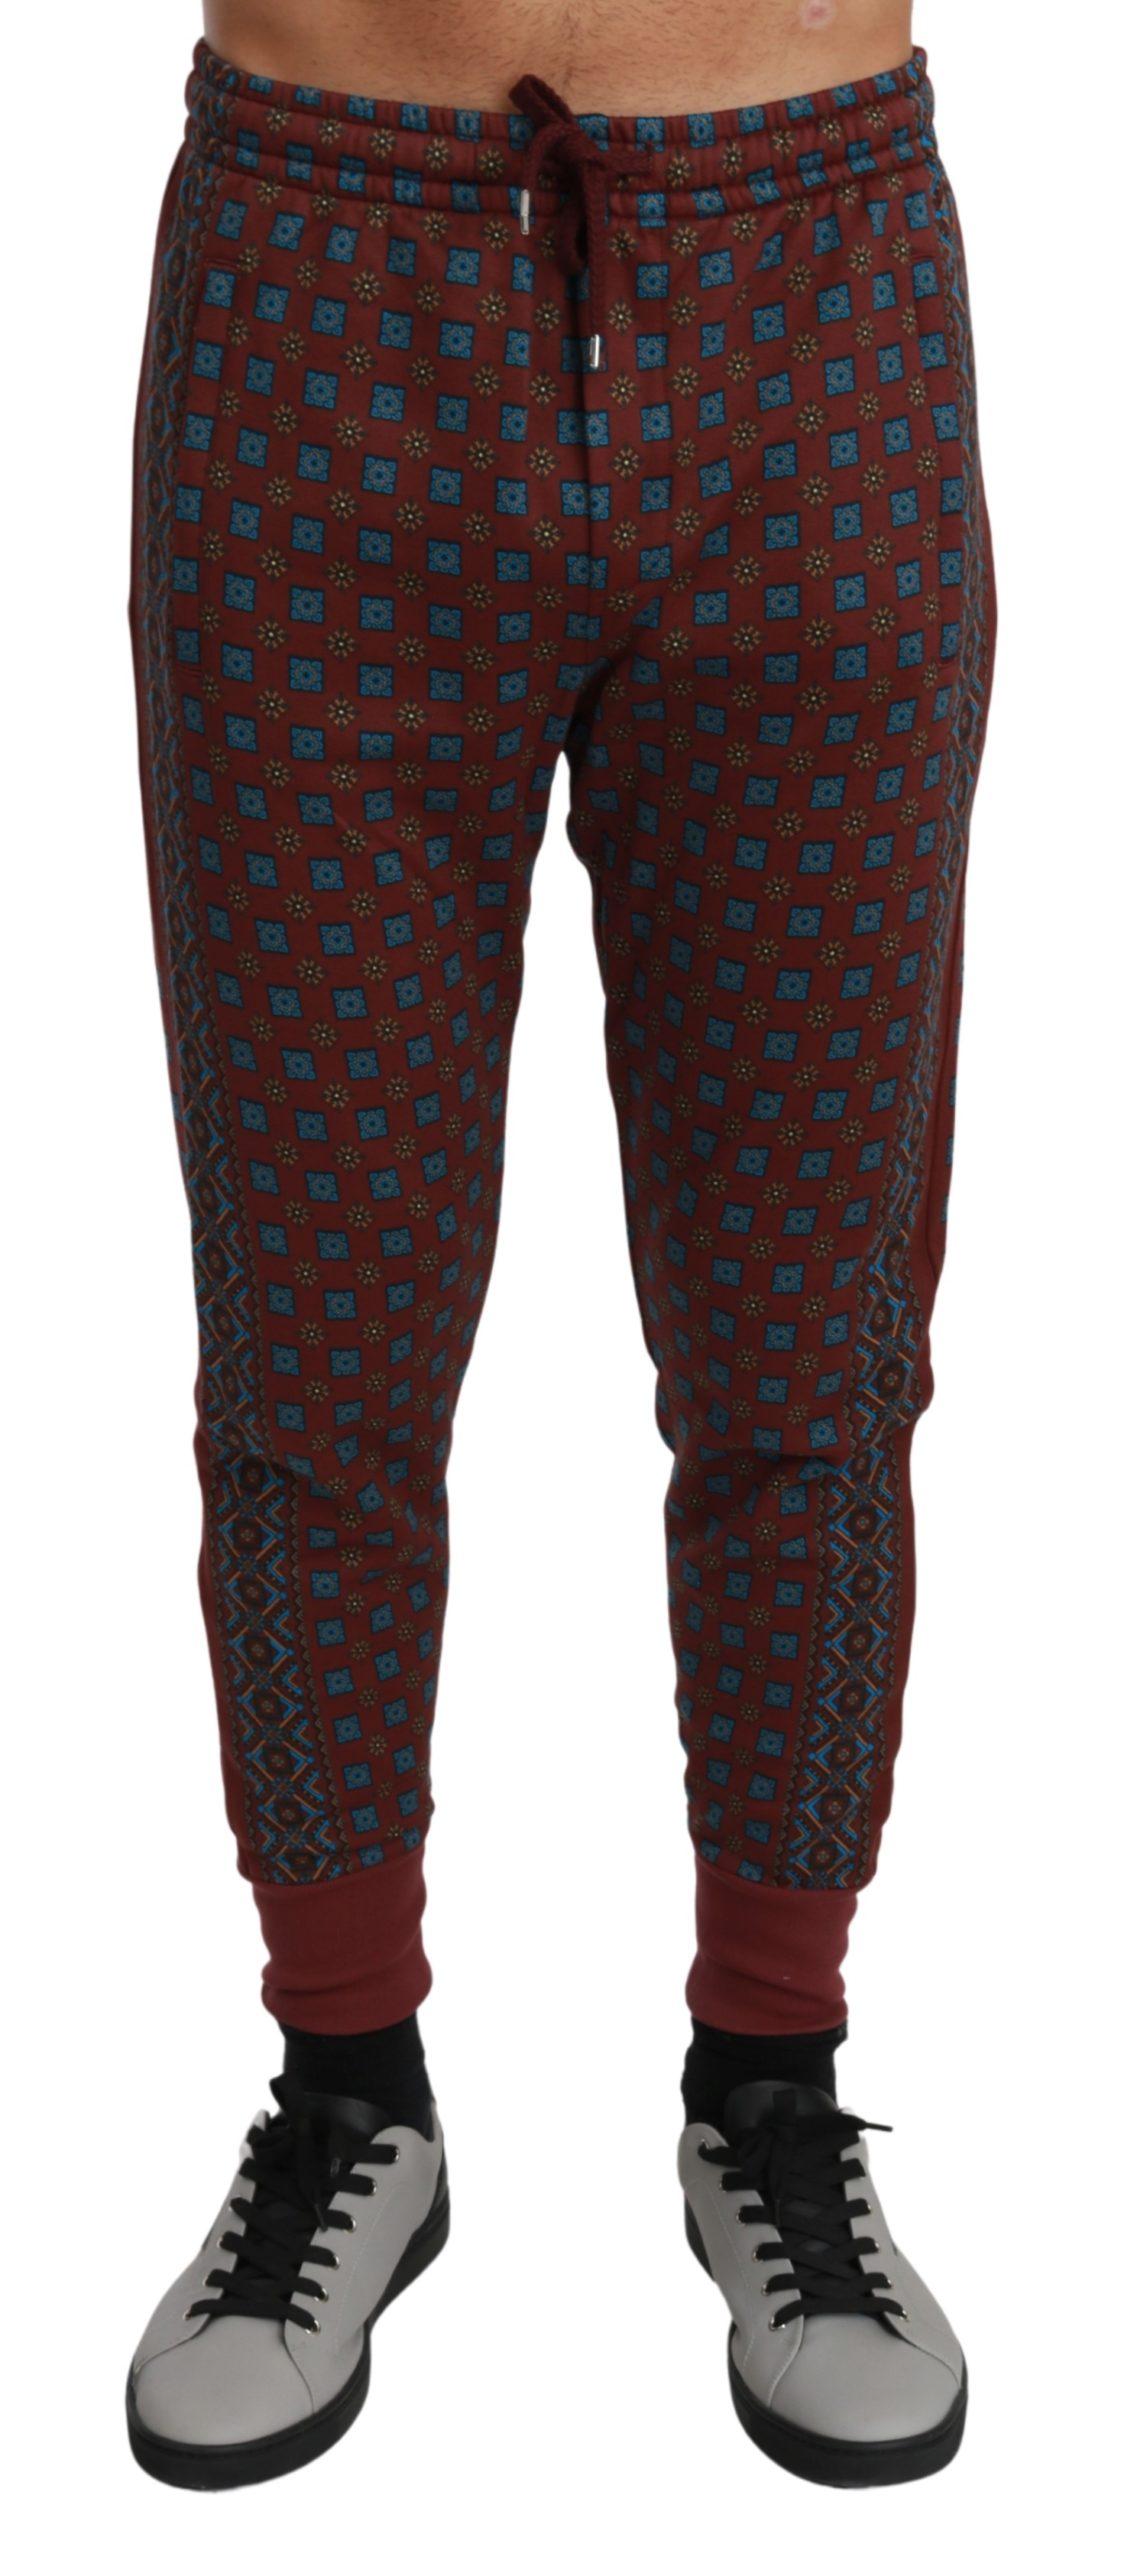 Dolce & Gabbana Men's Baroque Sweatpants Trouser Bordeaux PAN70992 - IT48   M